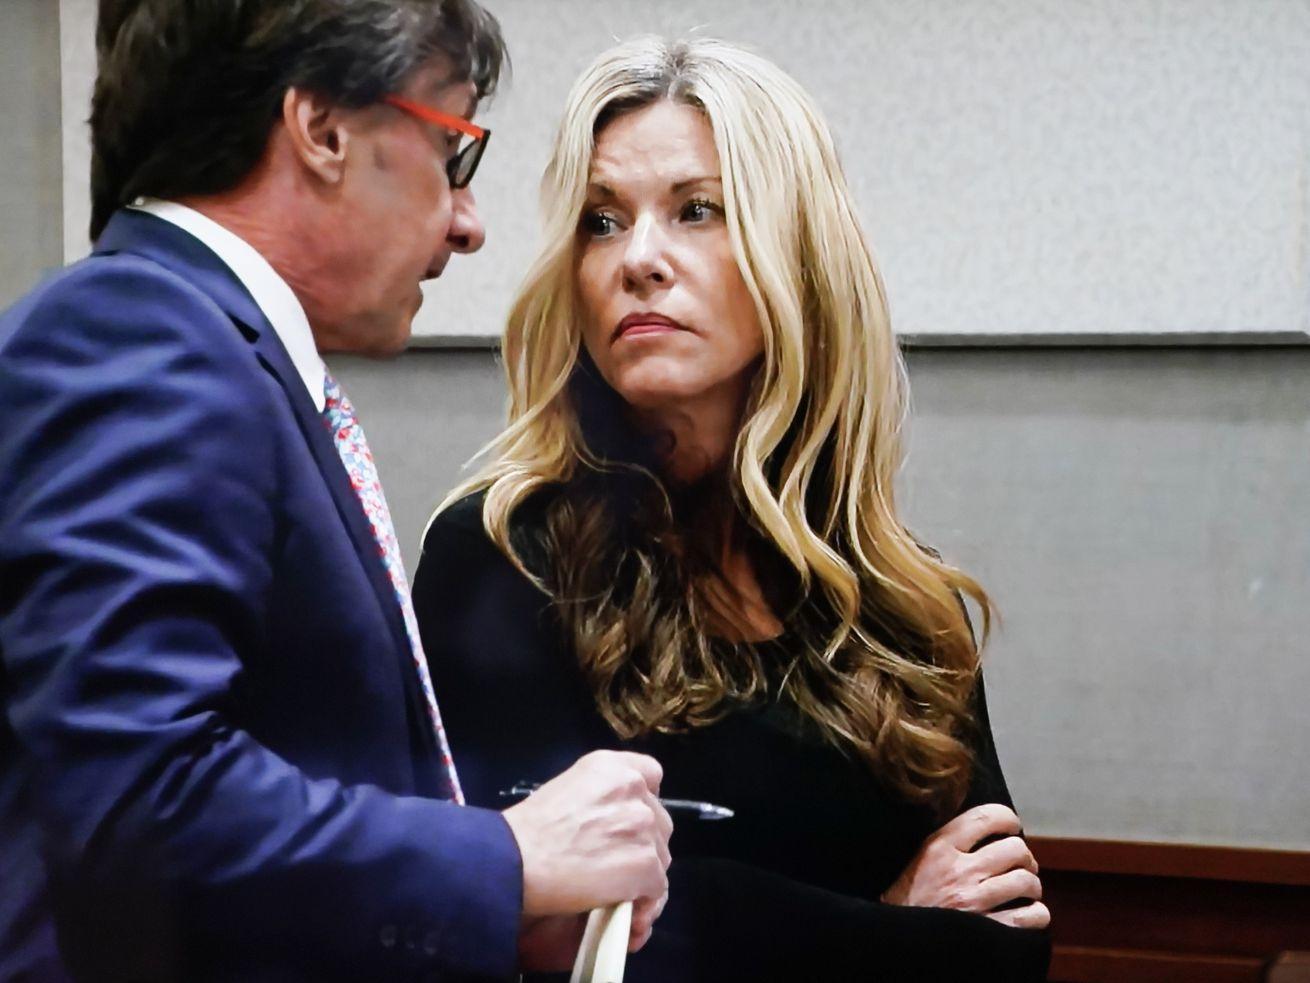 Lori Vallow, aka Lori Daybell, appears in court in Kauai, Hawaii.